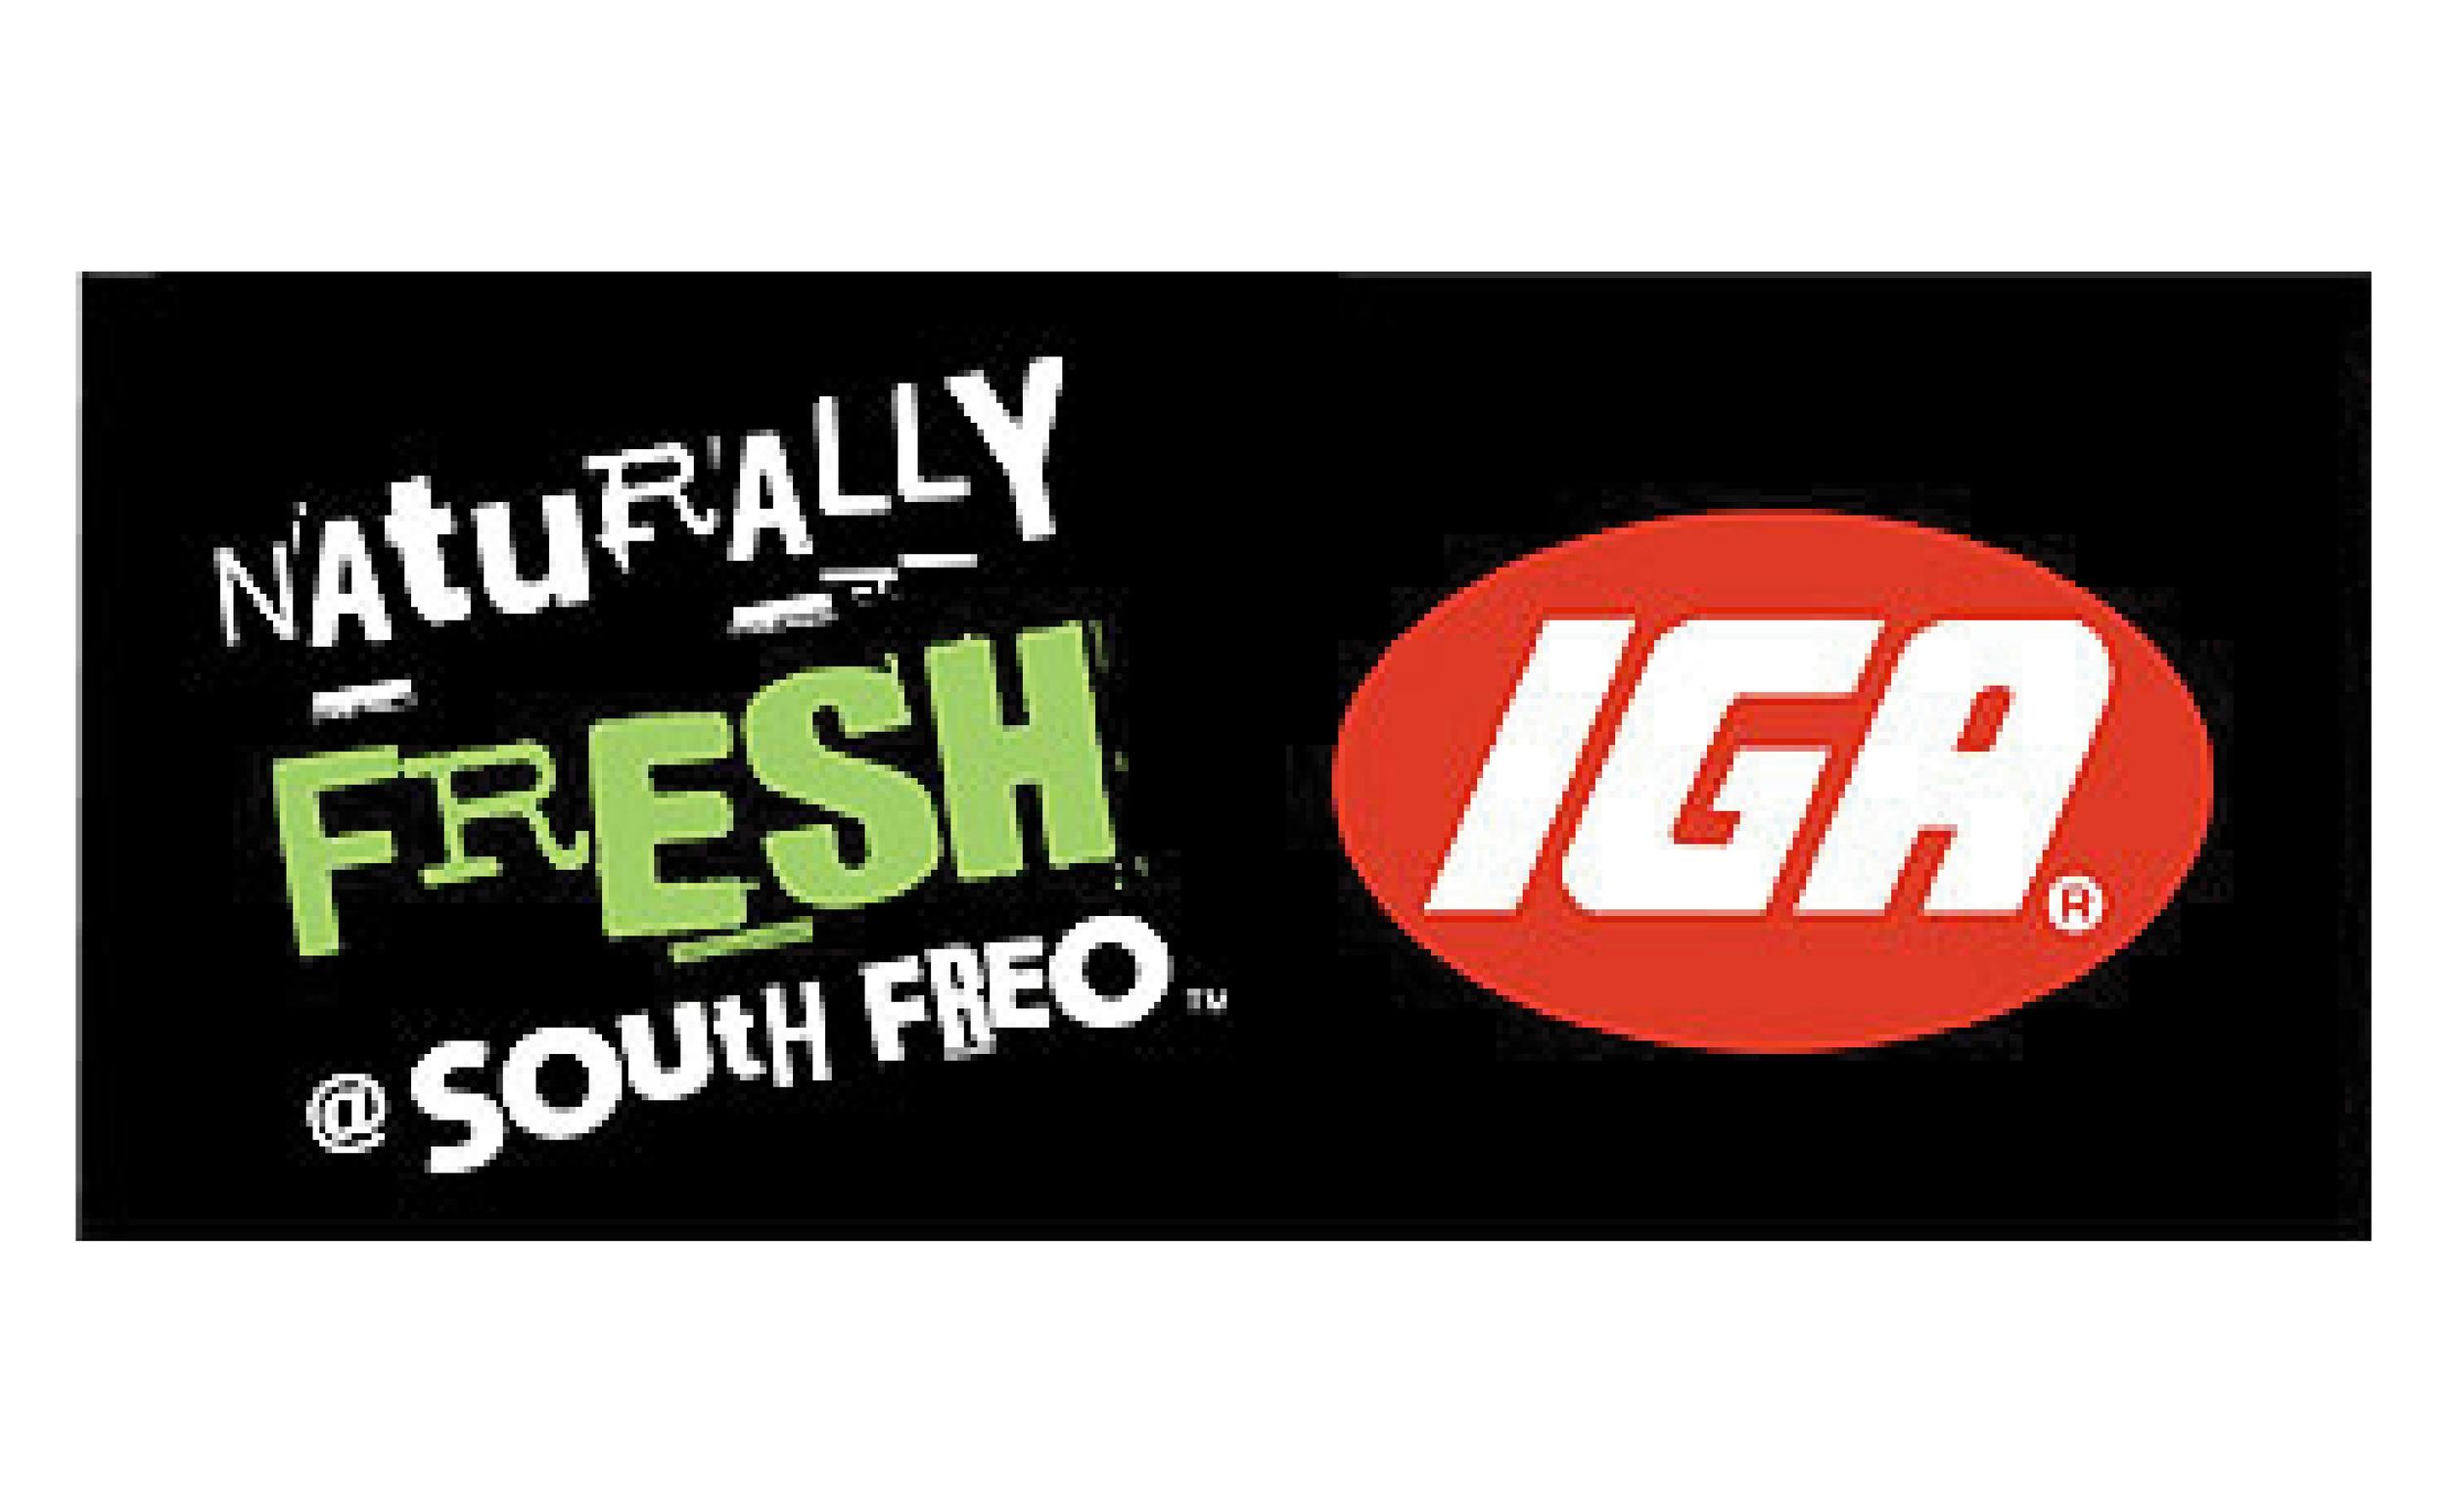 IGA South Fremantle